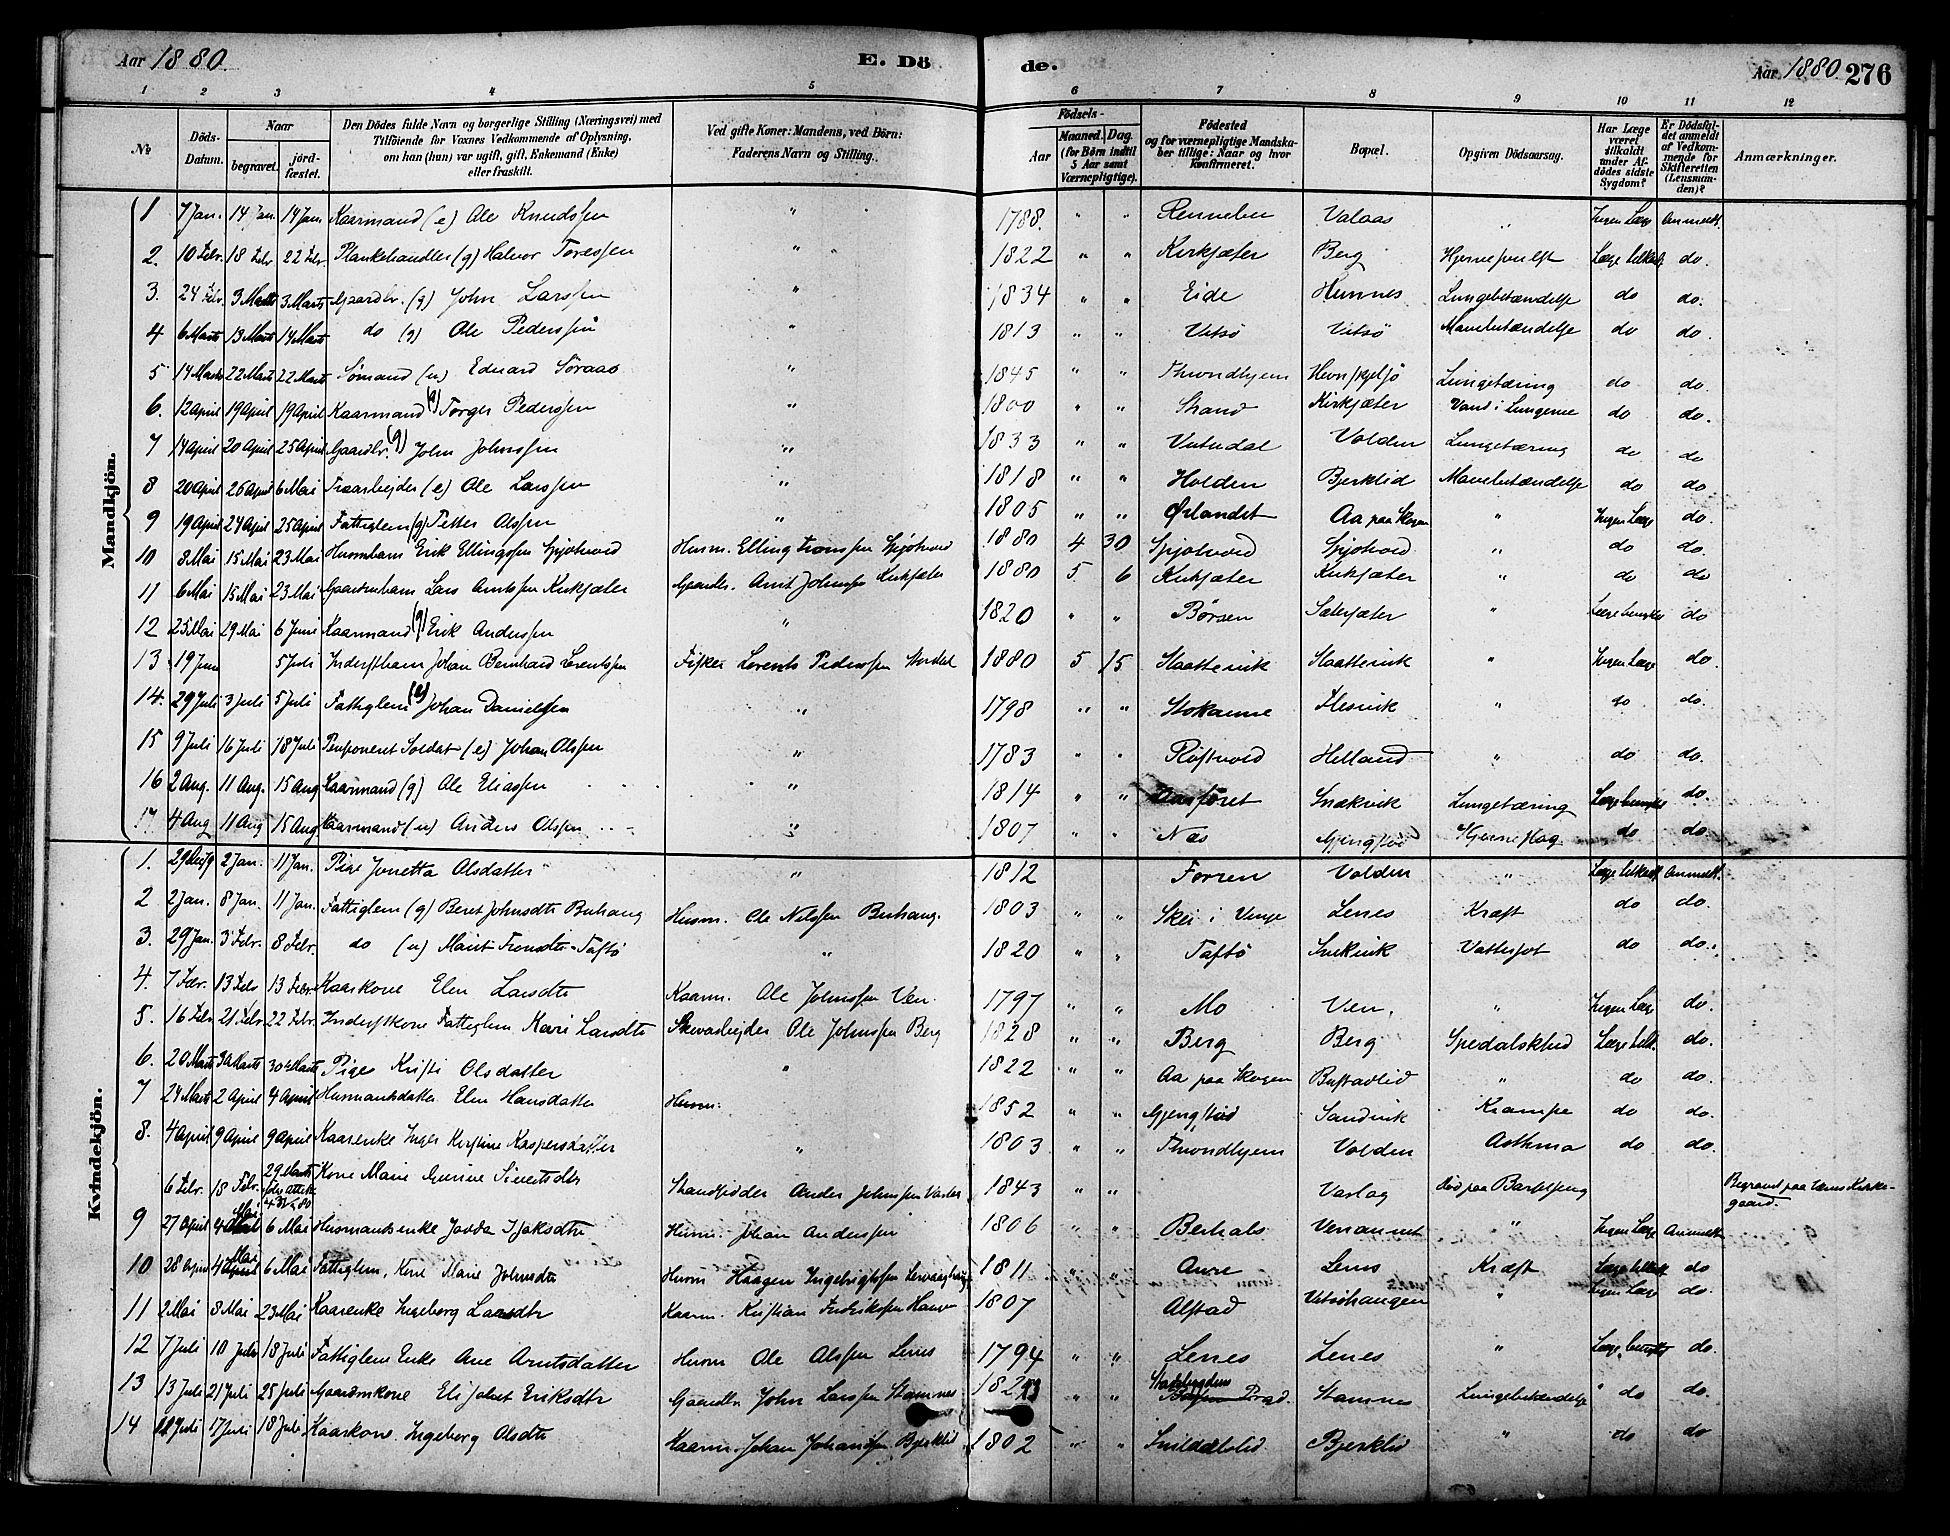 SAT, Ministerialprotokoller, klokkerbøker og fødselsregistre - Sør-Trøndelag, 630/L0496: Ministerialbok nr. 630A09, 1879-1895, s. 276